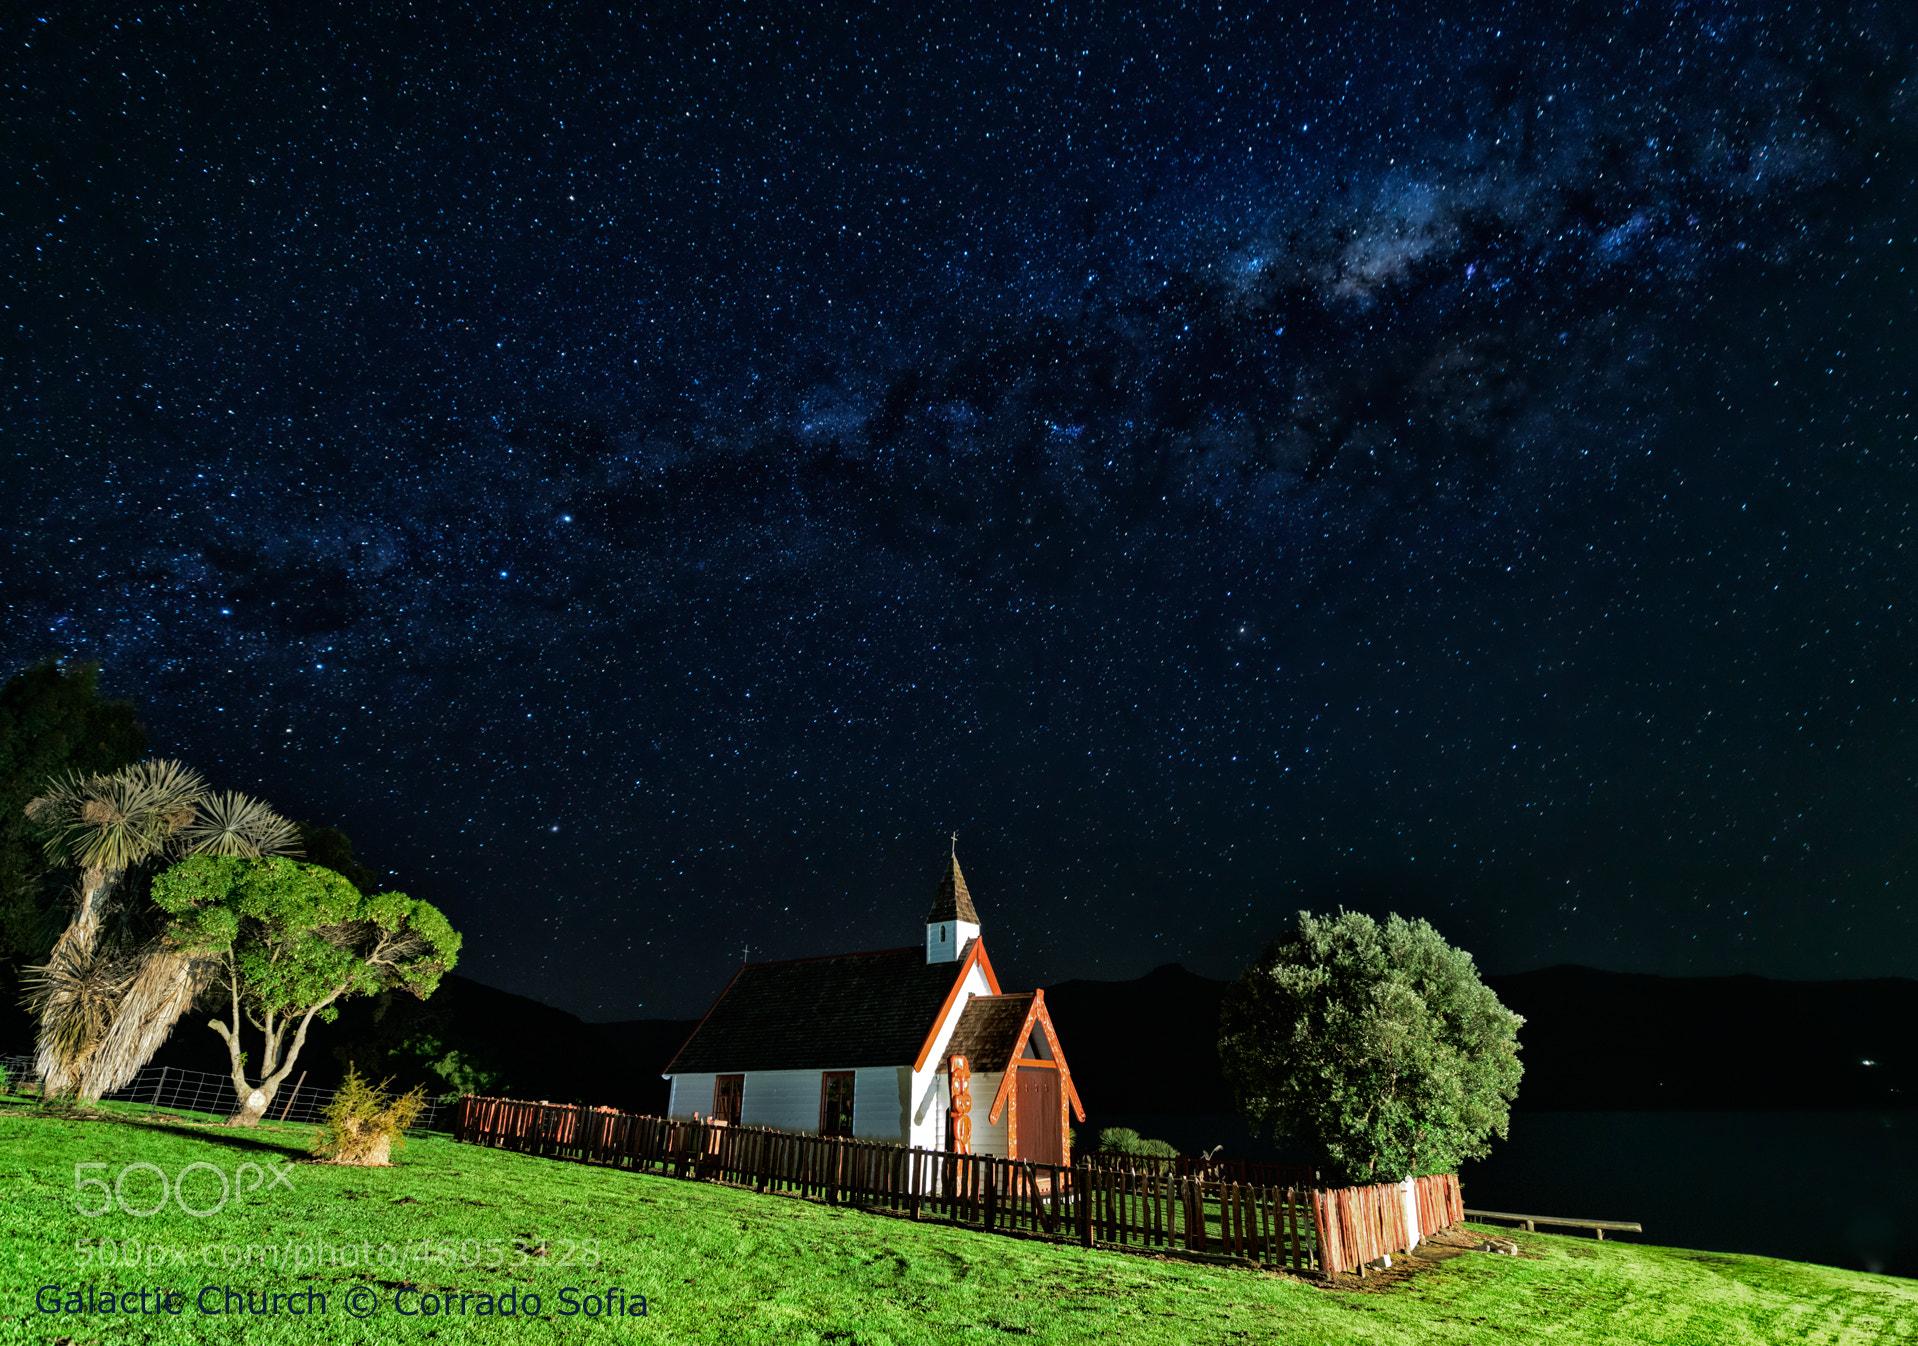 Photograph Galactic Church by Corrado Sofia on 500px